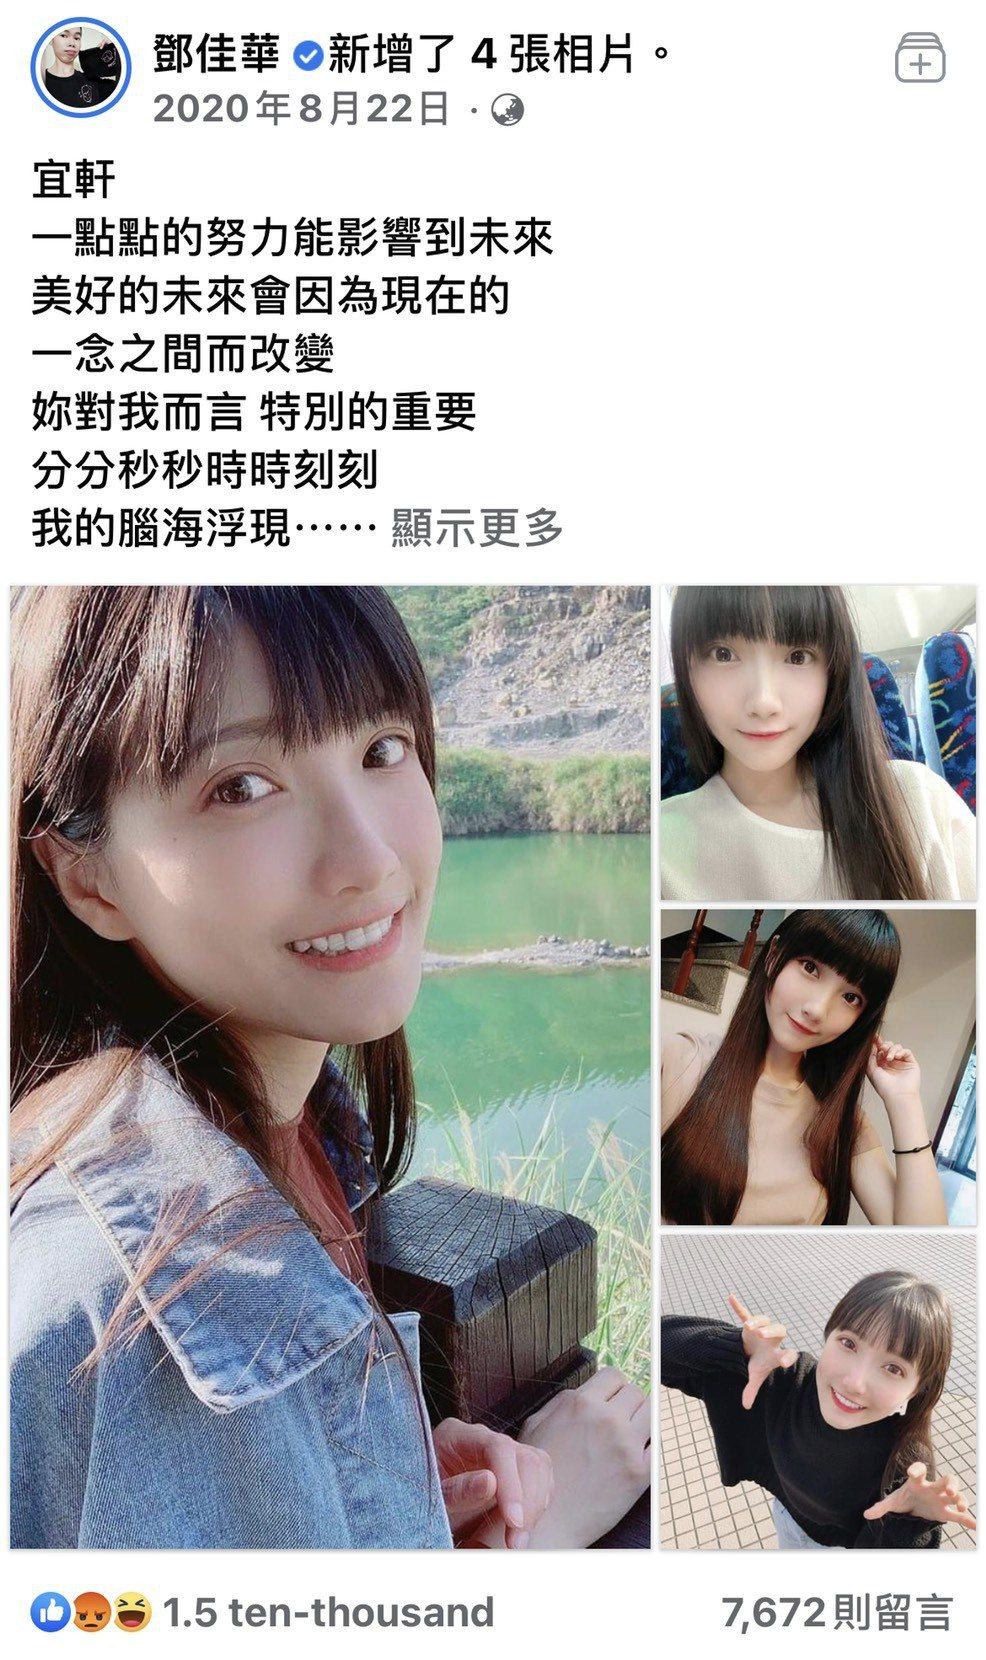 鄧家華置頂貼文示愛「宜軒」。 圖/擷自鄧家華臉書